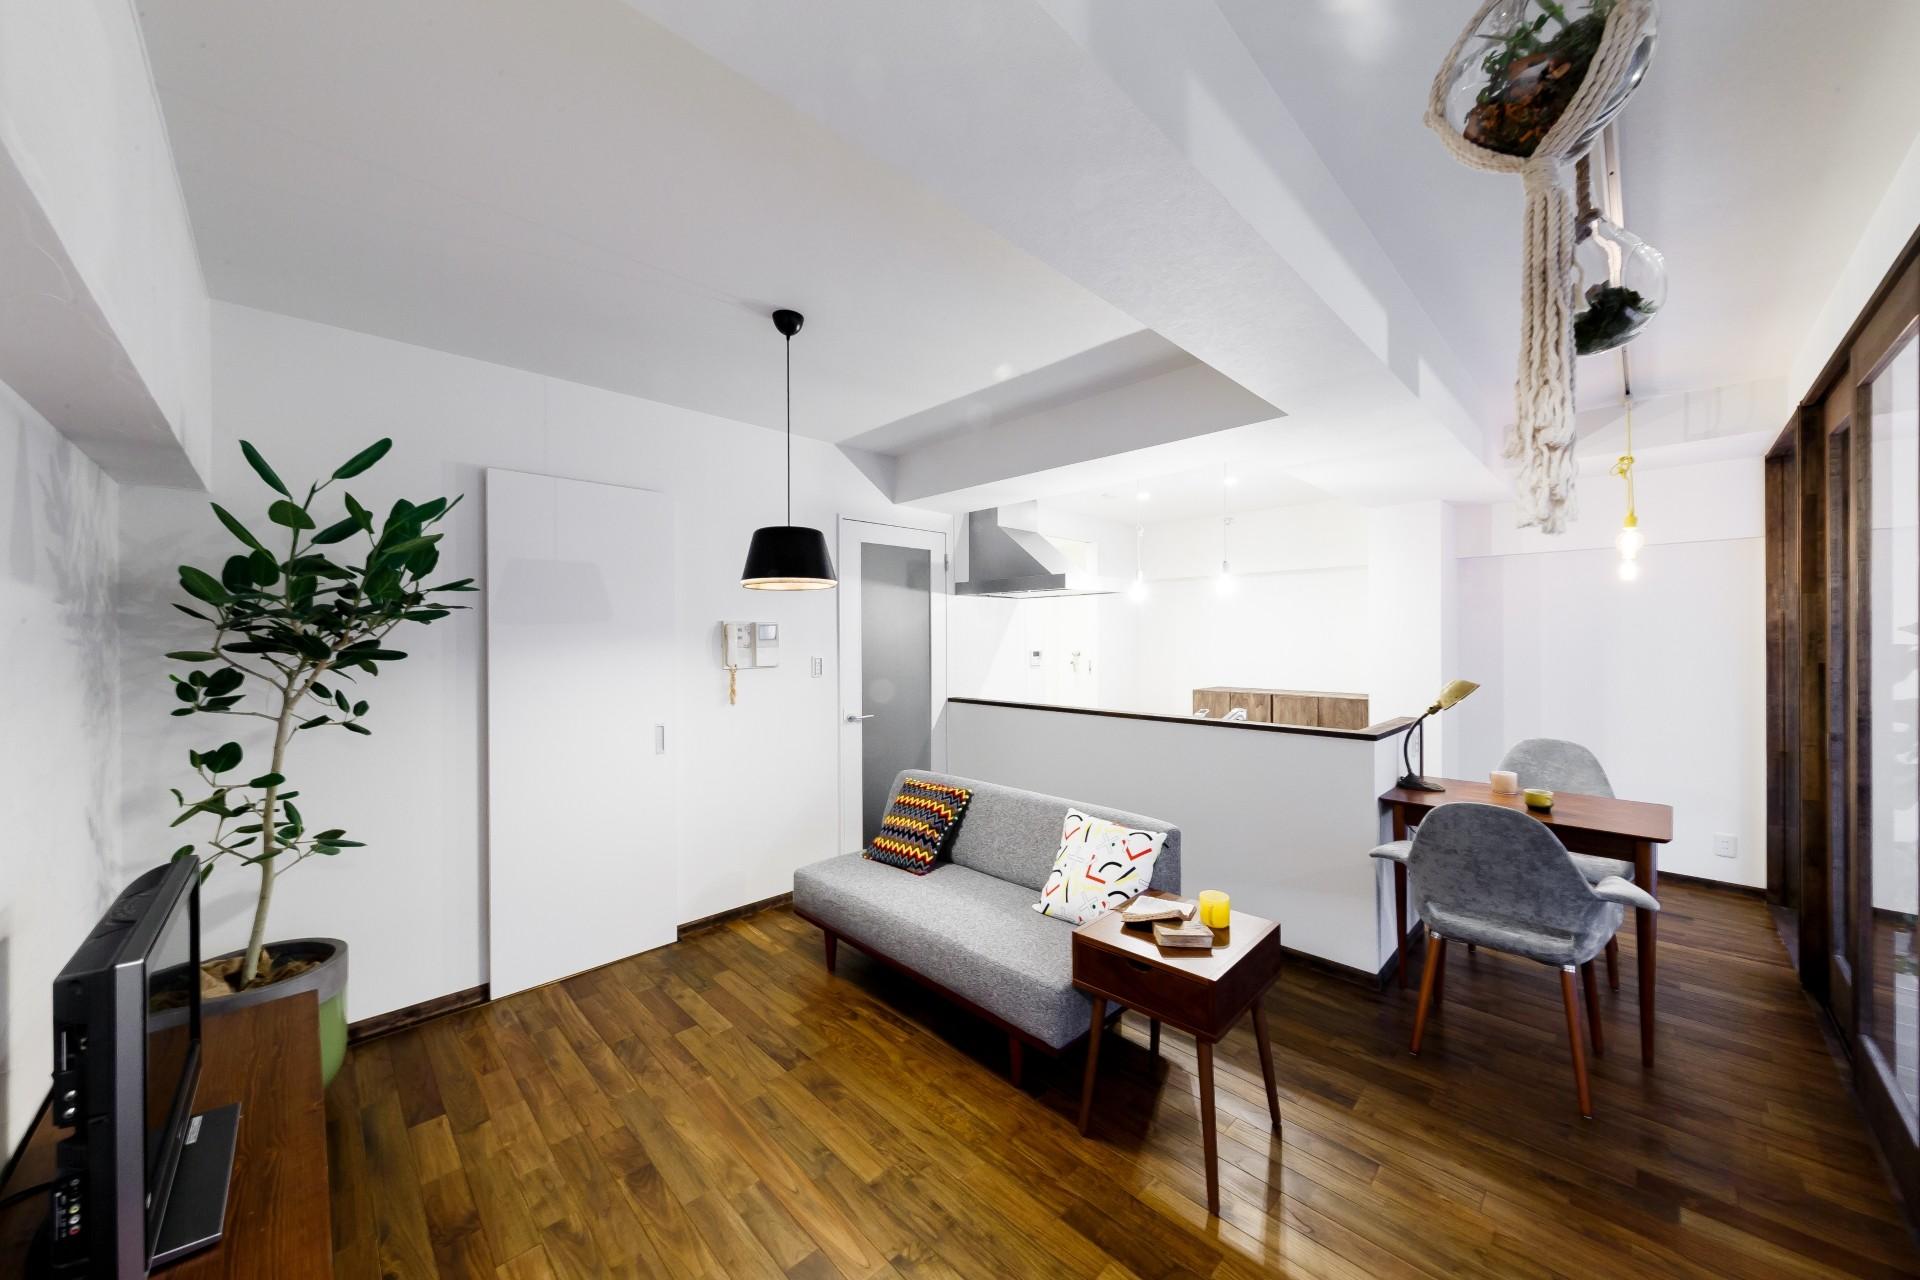 リビングダイニング事例:家事導線を重視したリビングダイニングキッチン(インナーバルコニーのある開放的な家)